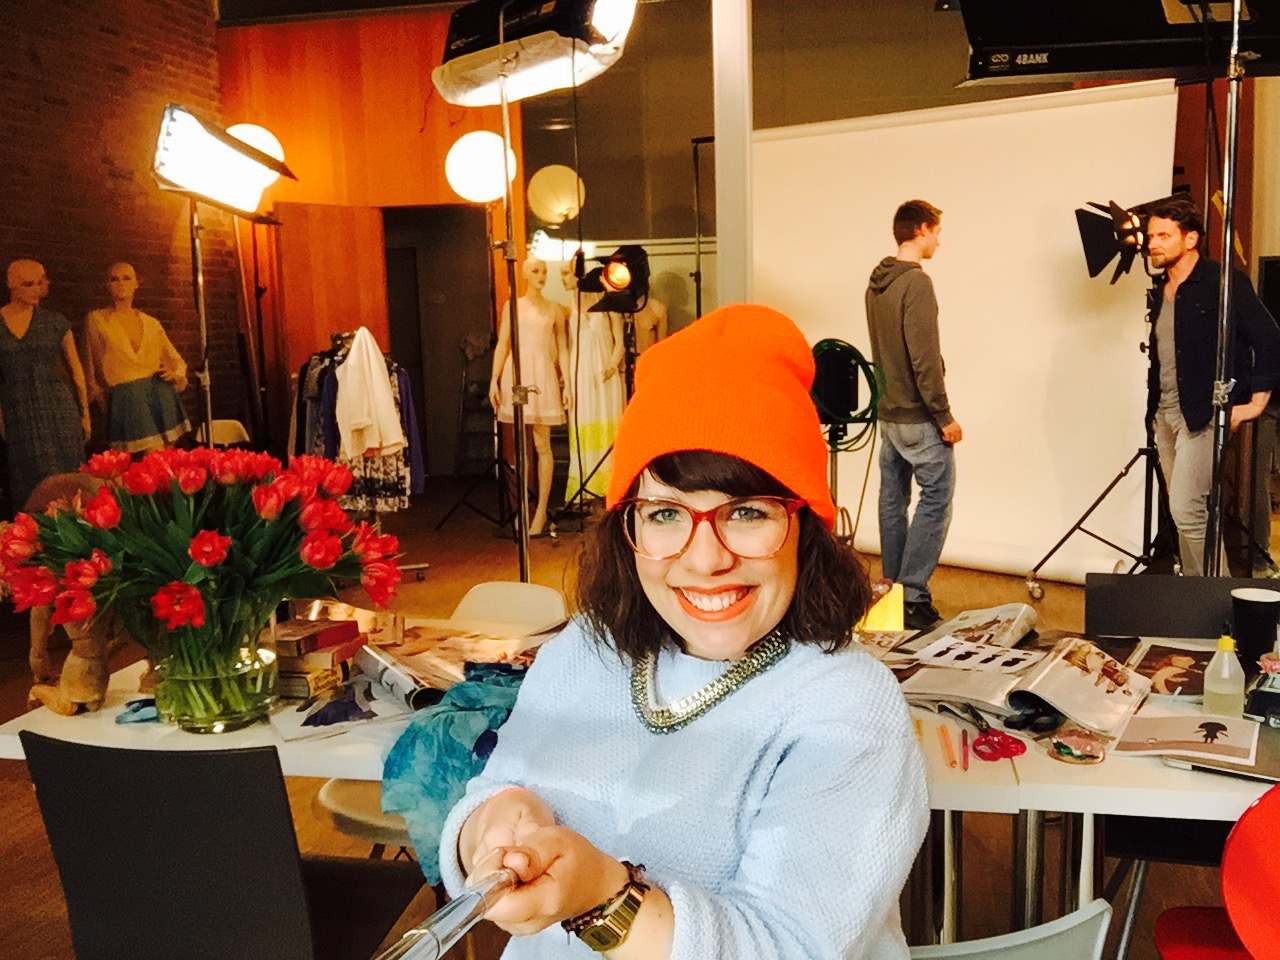 Ninia Binias als Moderatorin im Studio von RTL für Aufnahmen zum Fashionmag. Sie trägt eine rote Mütze, rote Brille, helleblauen Pullover und lacht in die Kamera. Im Hintergrund arbeiten Kameraleute am Set.